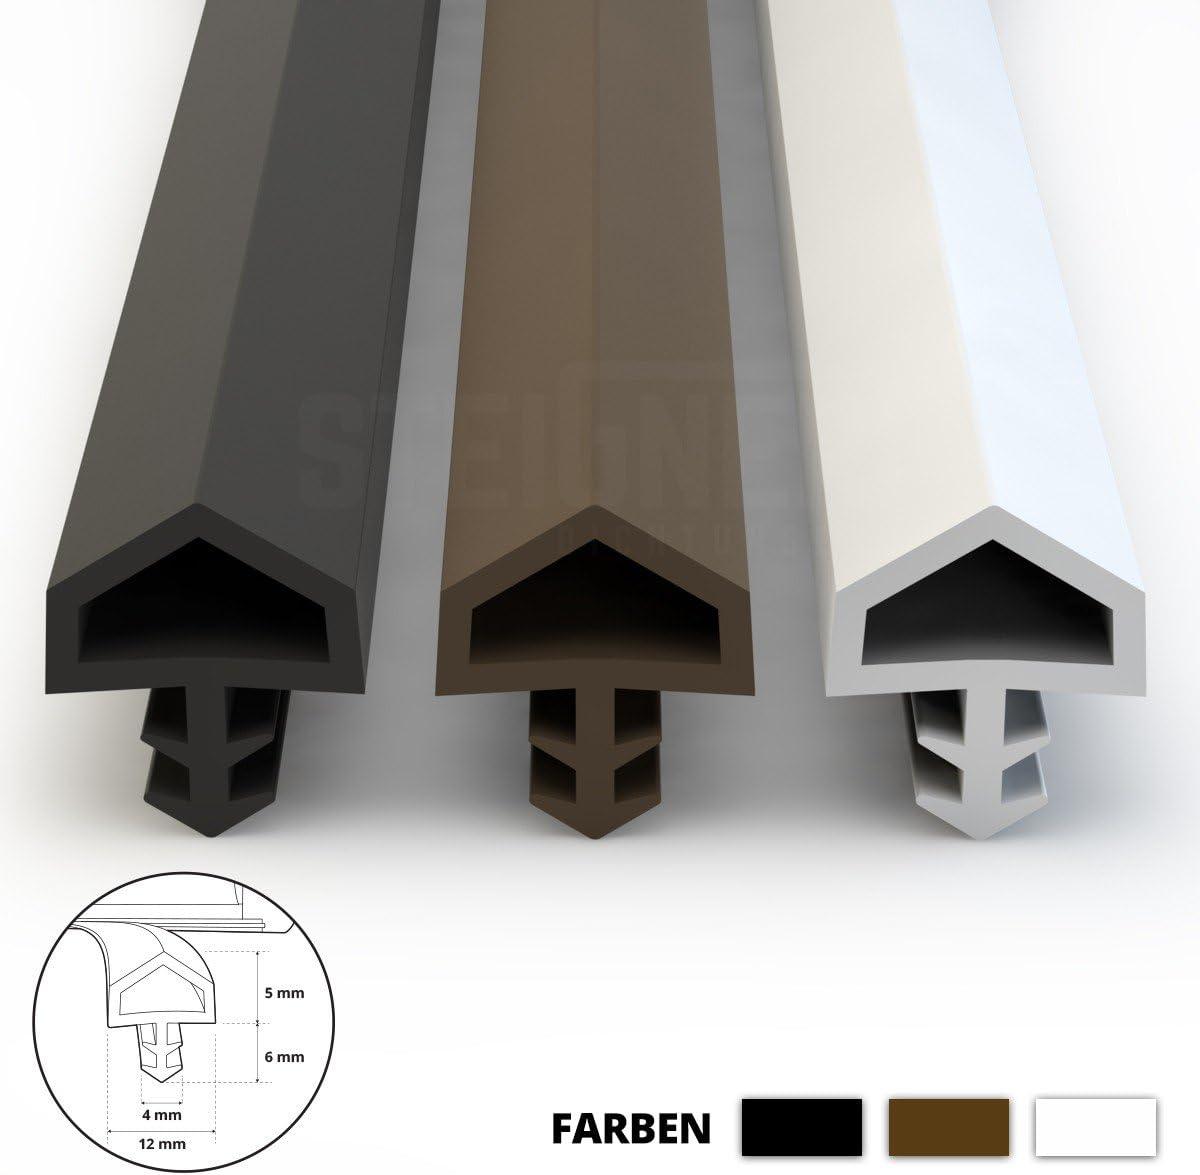 Junta para ventanas contra corrientes de aire junta 5 mm de ancho de ranura 12 mm de pliegue junta Marr/ón 10m